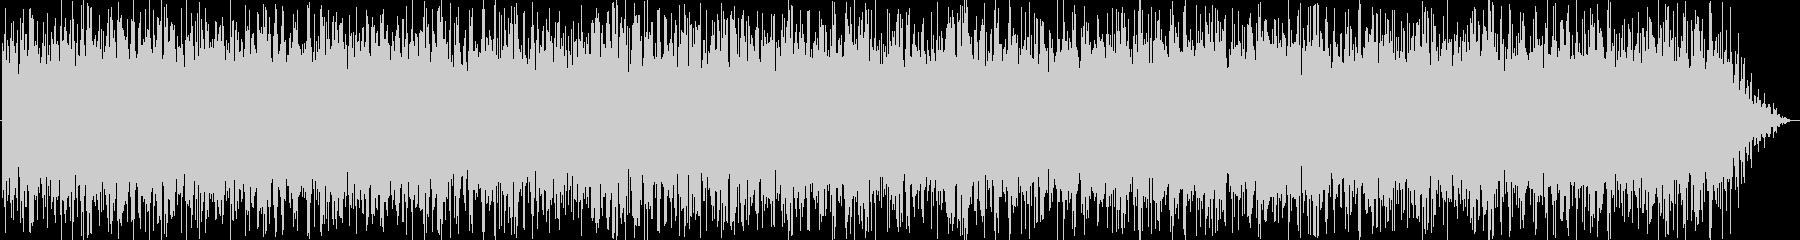 イメージ クレイジーディジュリドゥ02の未再生の波形